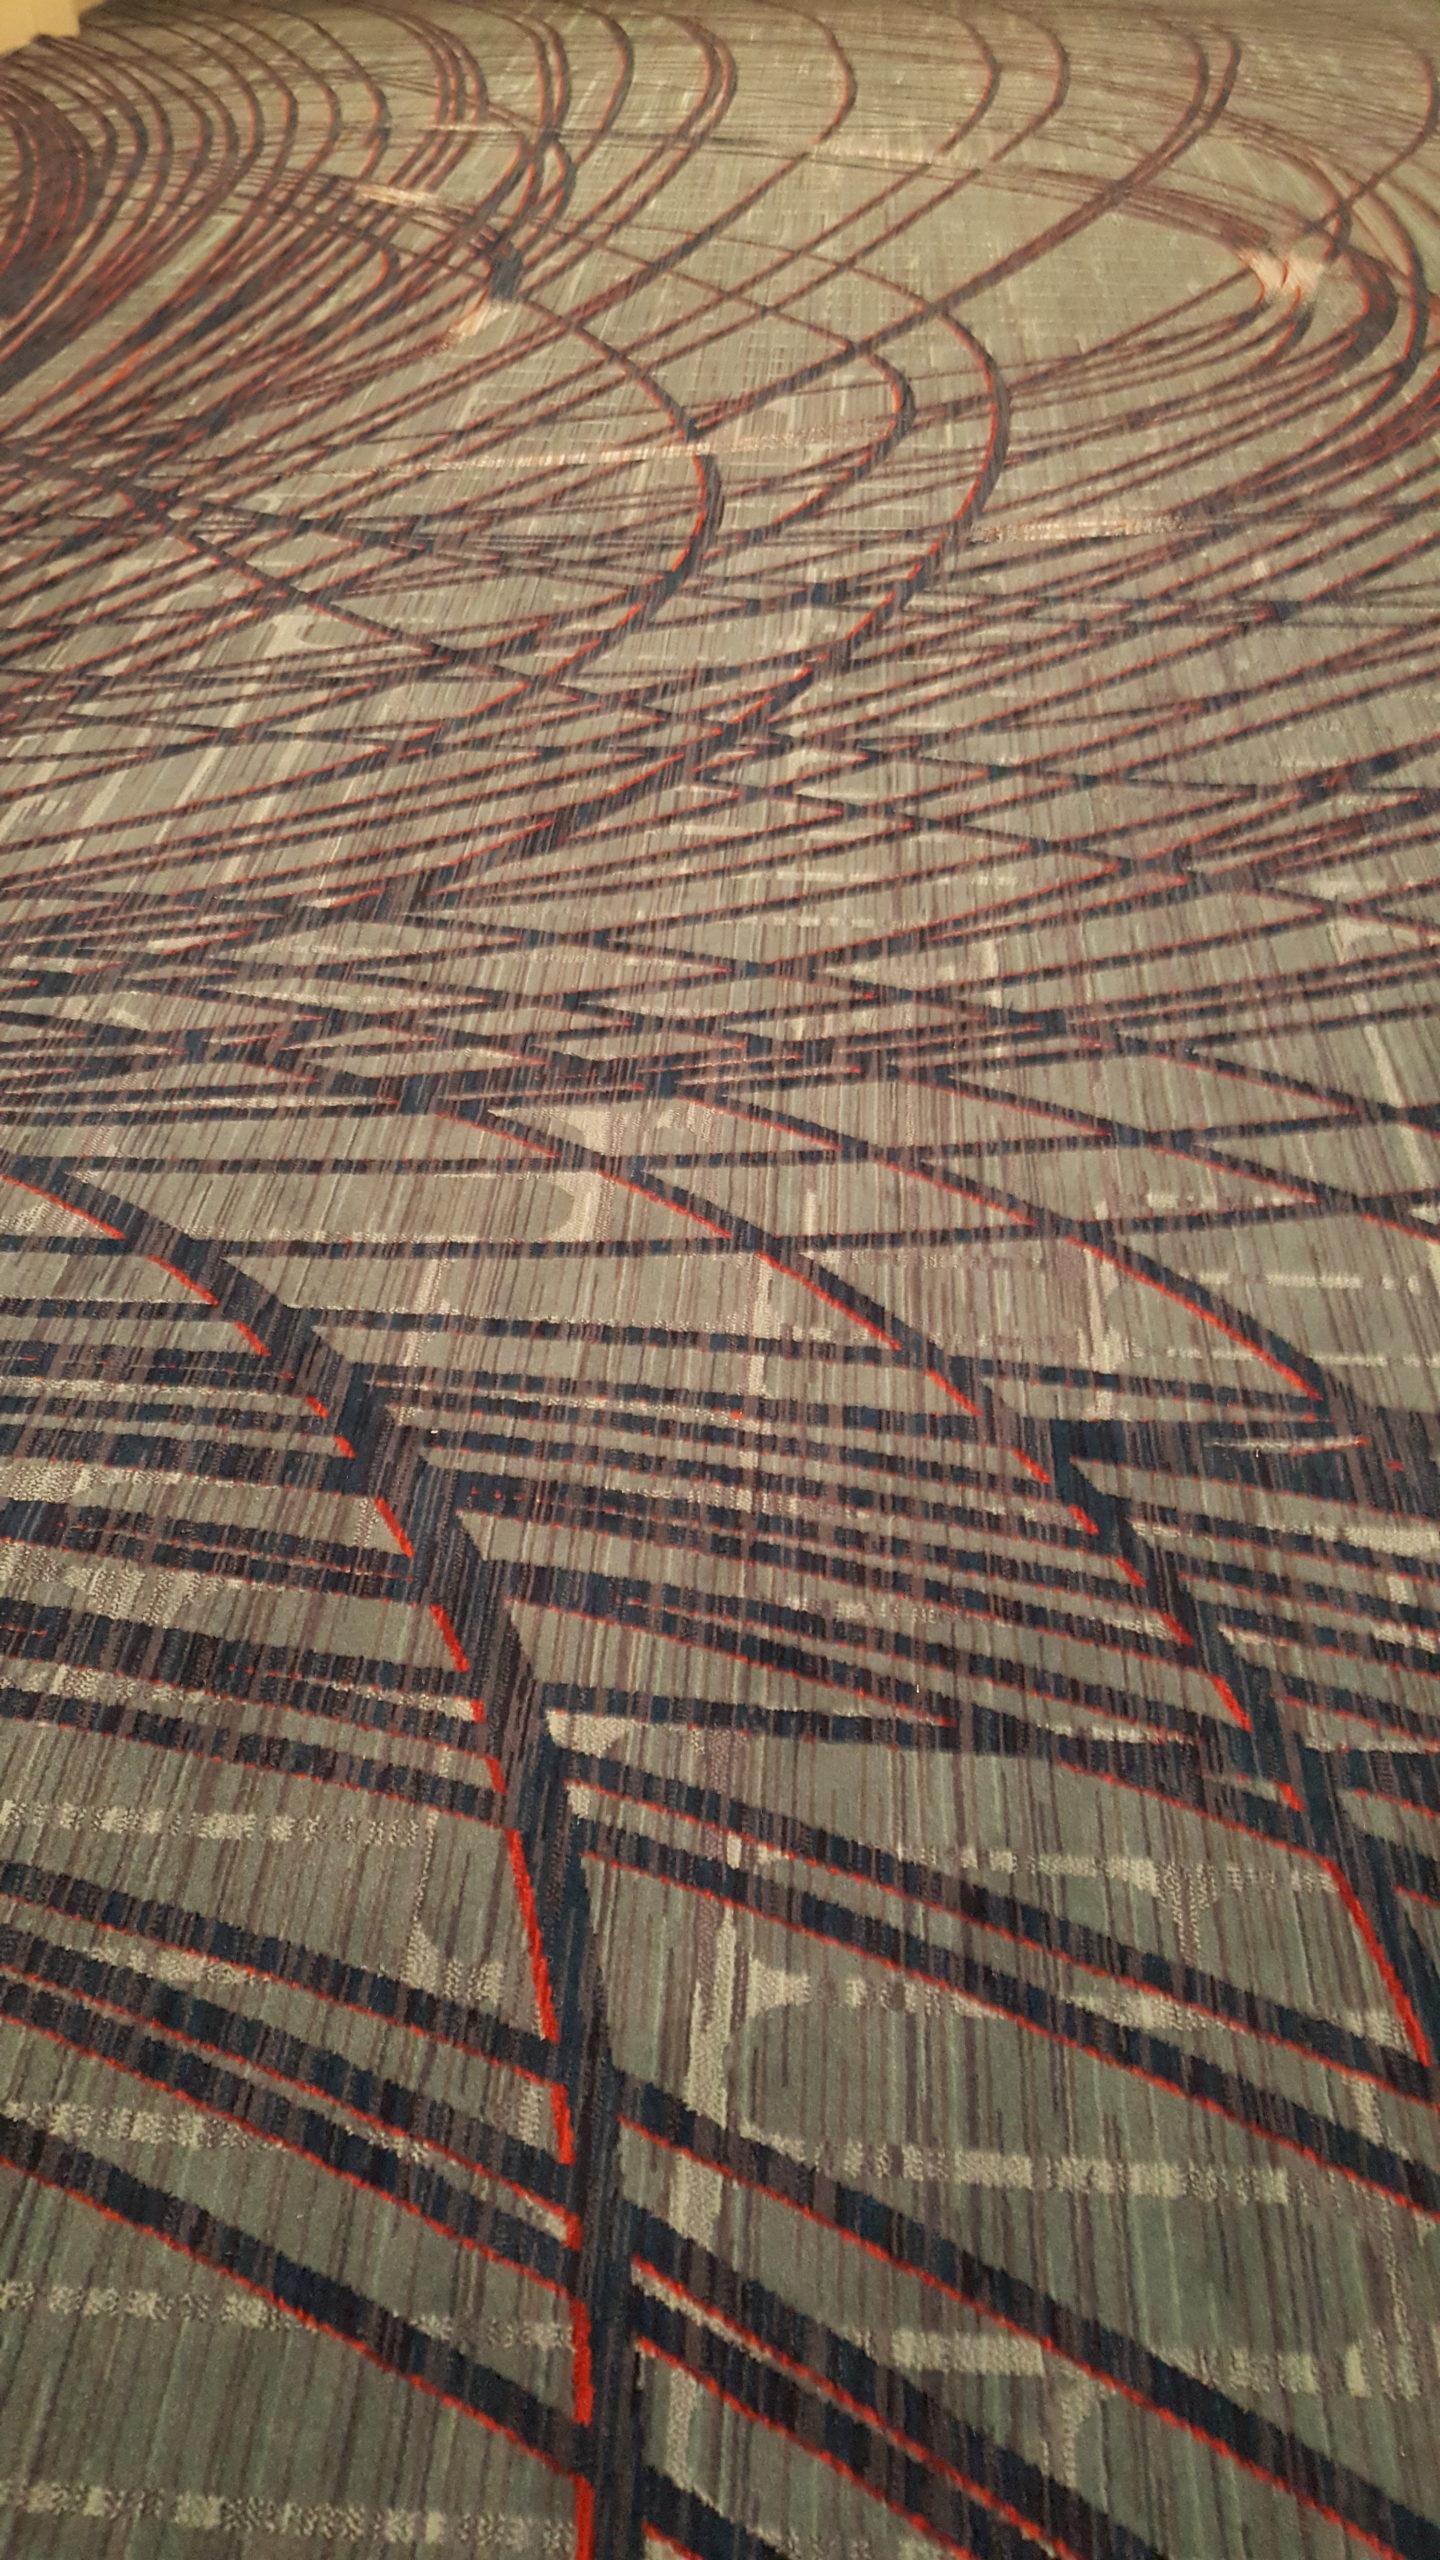 new LAX Marriott carpet - fugly design 1